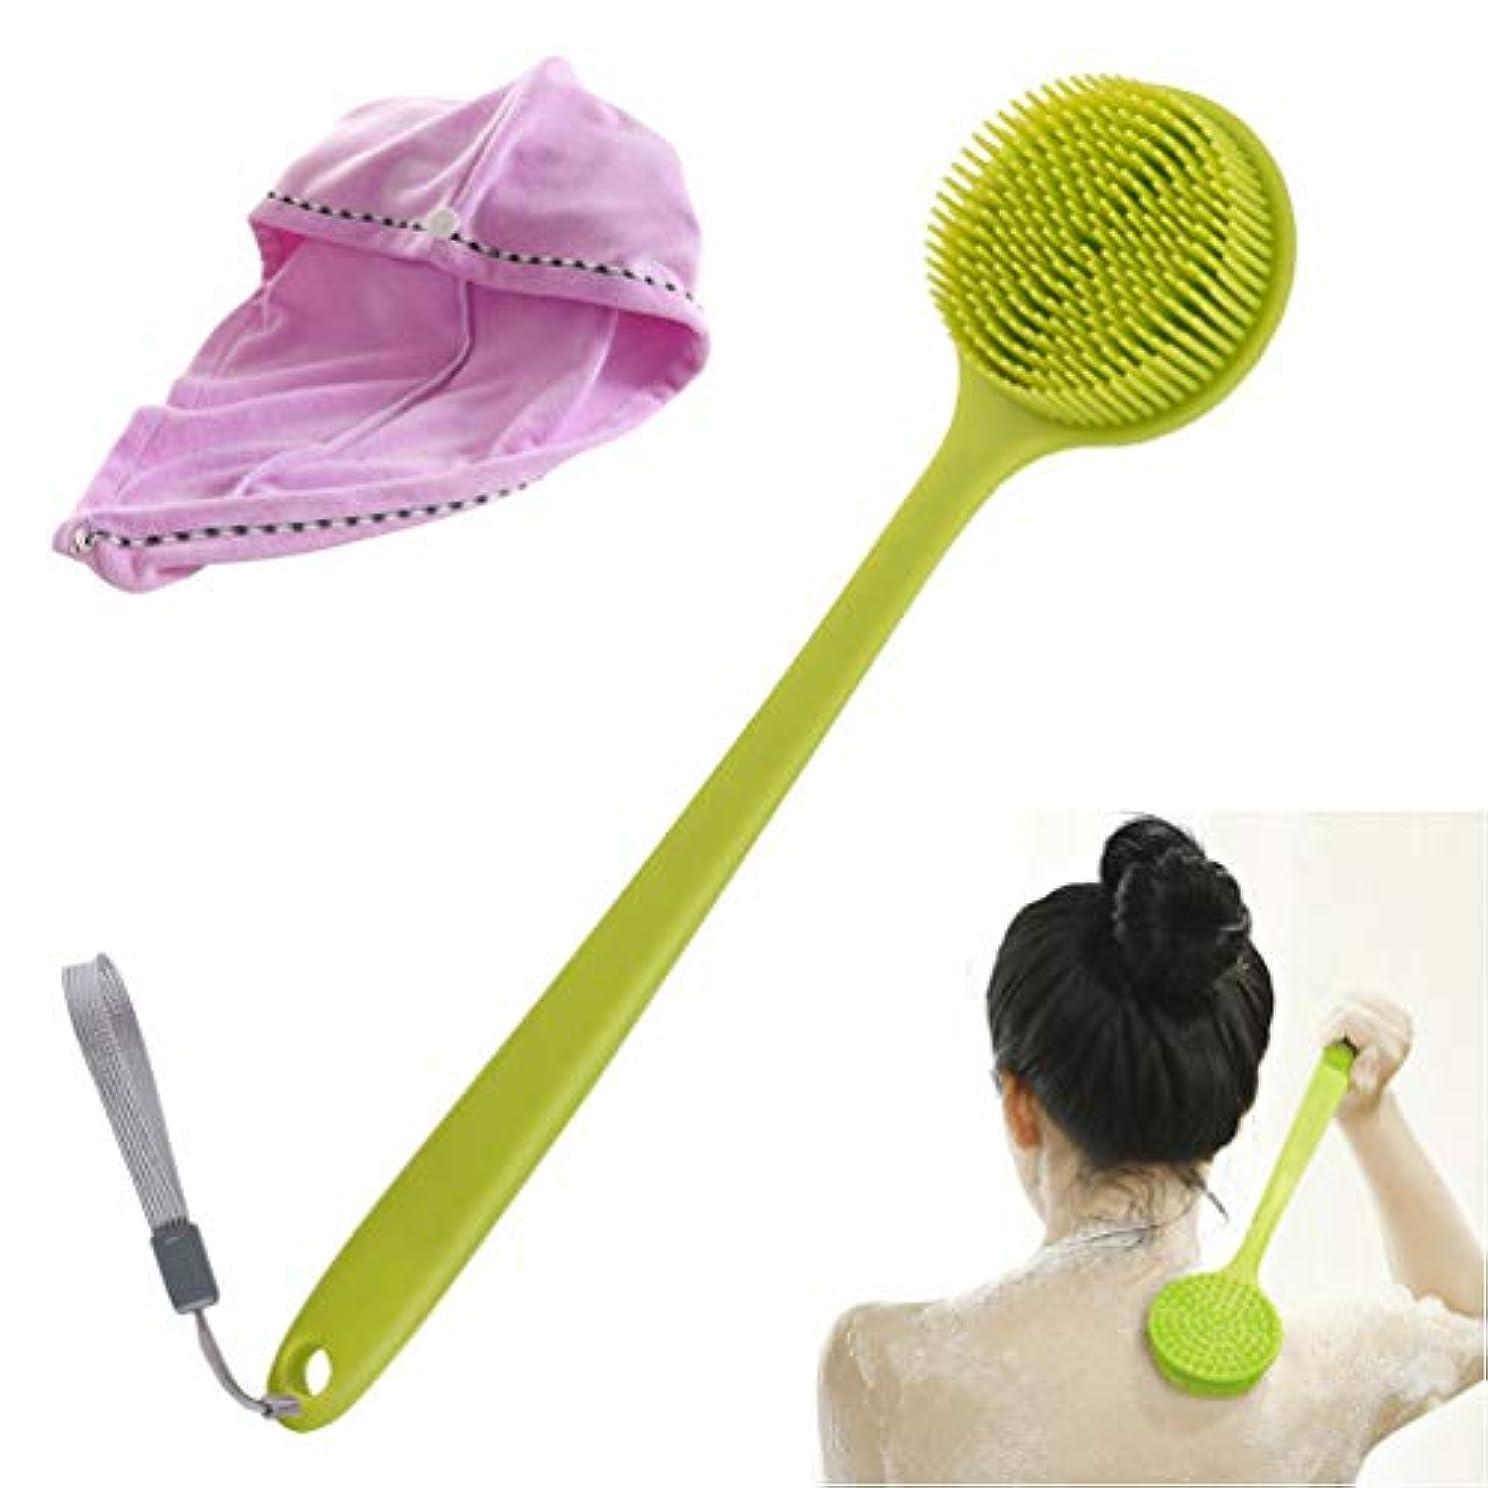 ボディブラシそしてヘアドライタオル, Vibury ロングハンドル シリコーン シャワーブラシ背中 体洗いブラシ やわらか お風呂ブラシ バスブラシ 多機能 シャワーブラシ クリーニングスクラバー そして 柔らかい ヘアキャップ付き